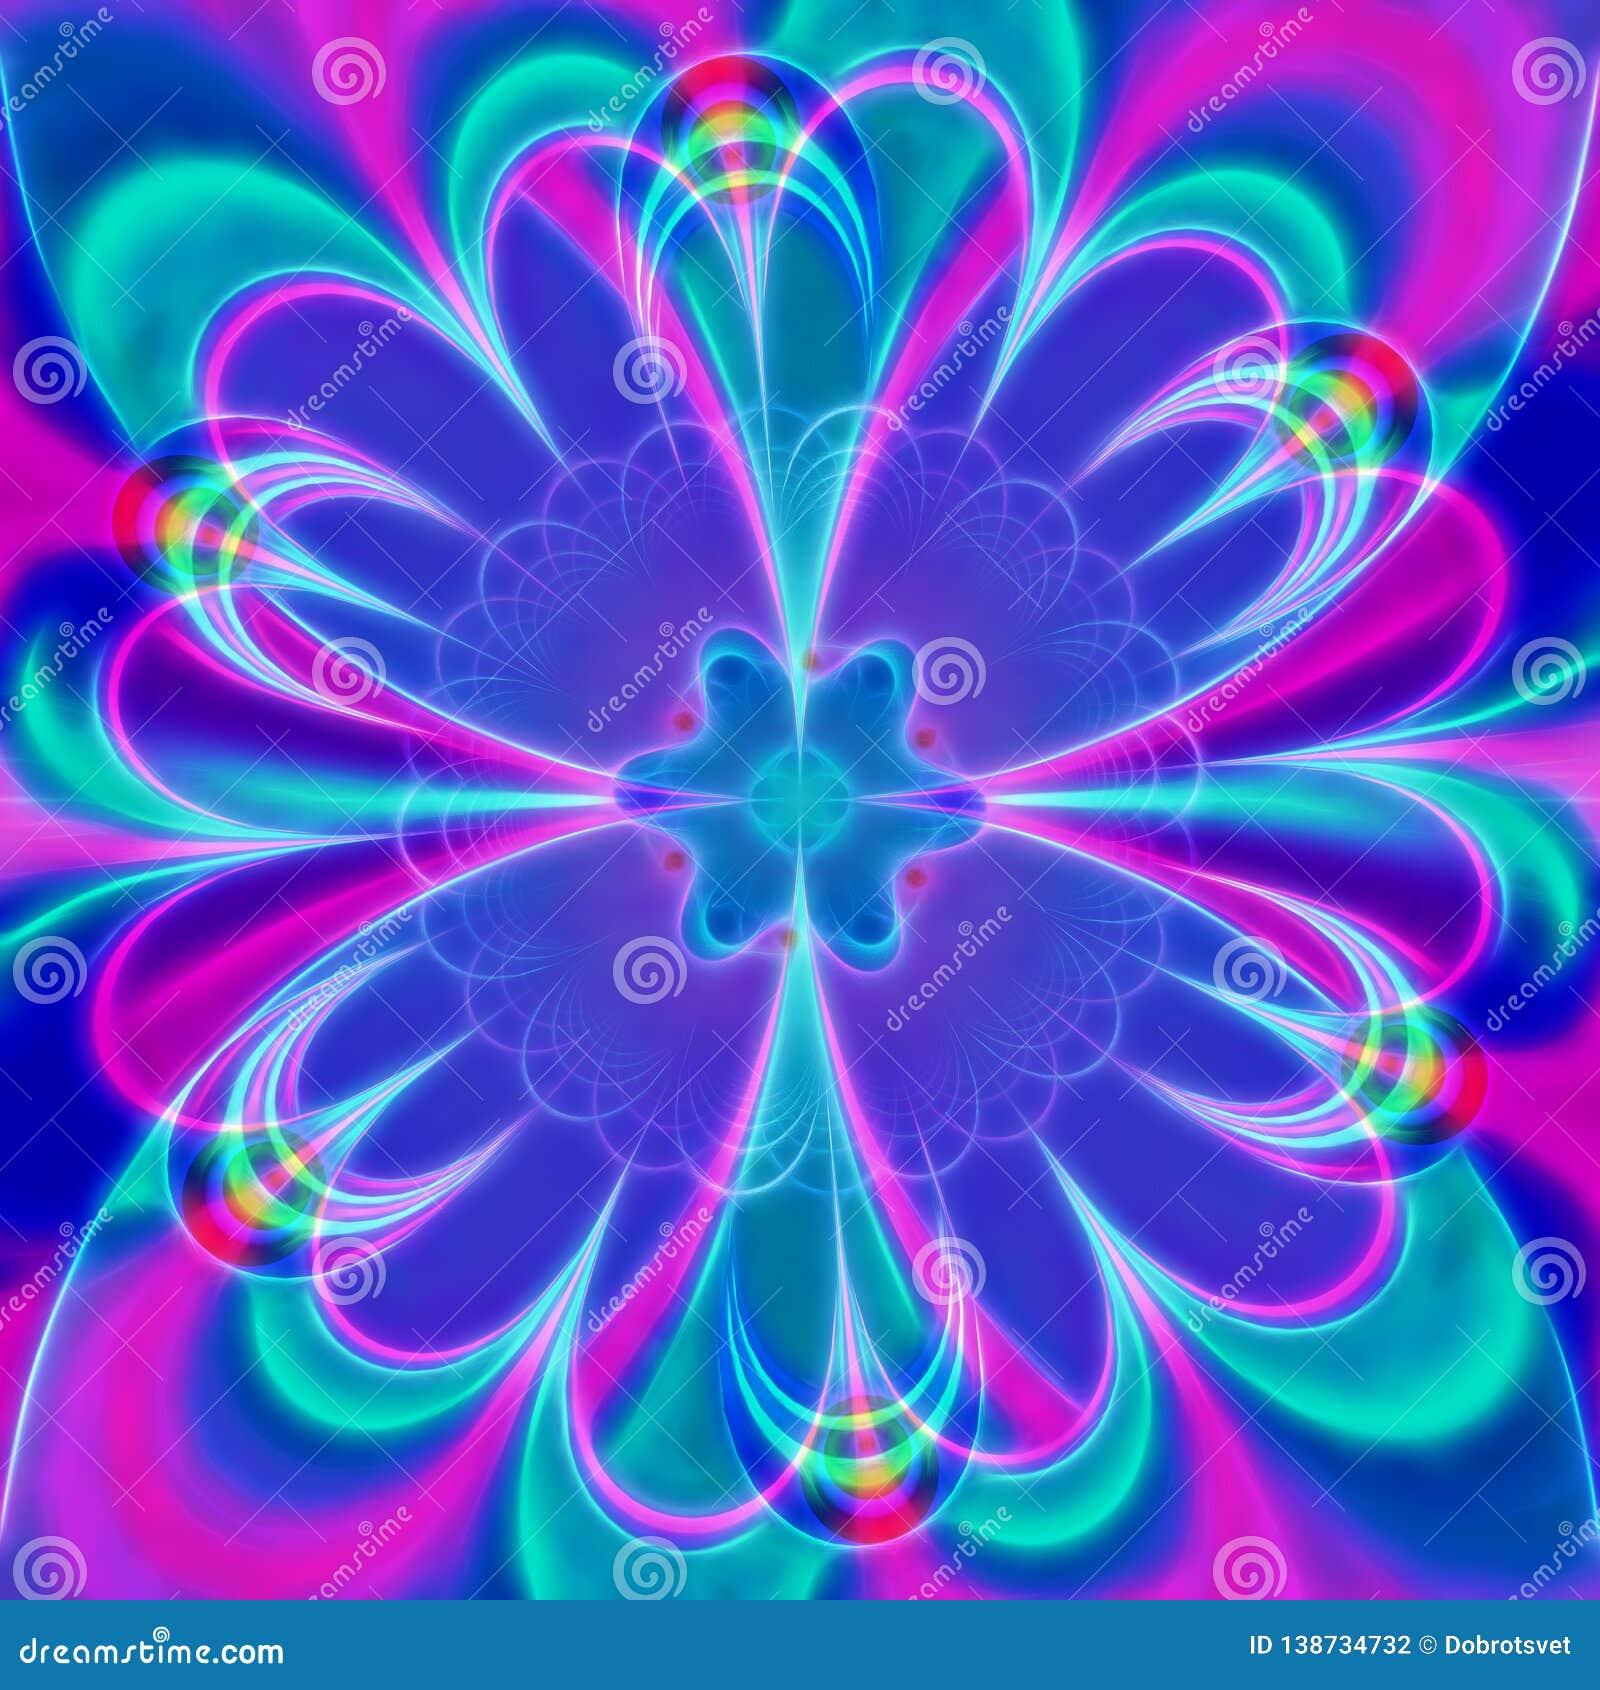 Flor de la lila de Digitaces, generada por ordenador, arte del fractal de la representación 3D